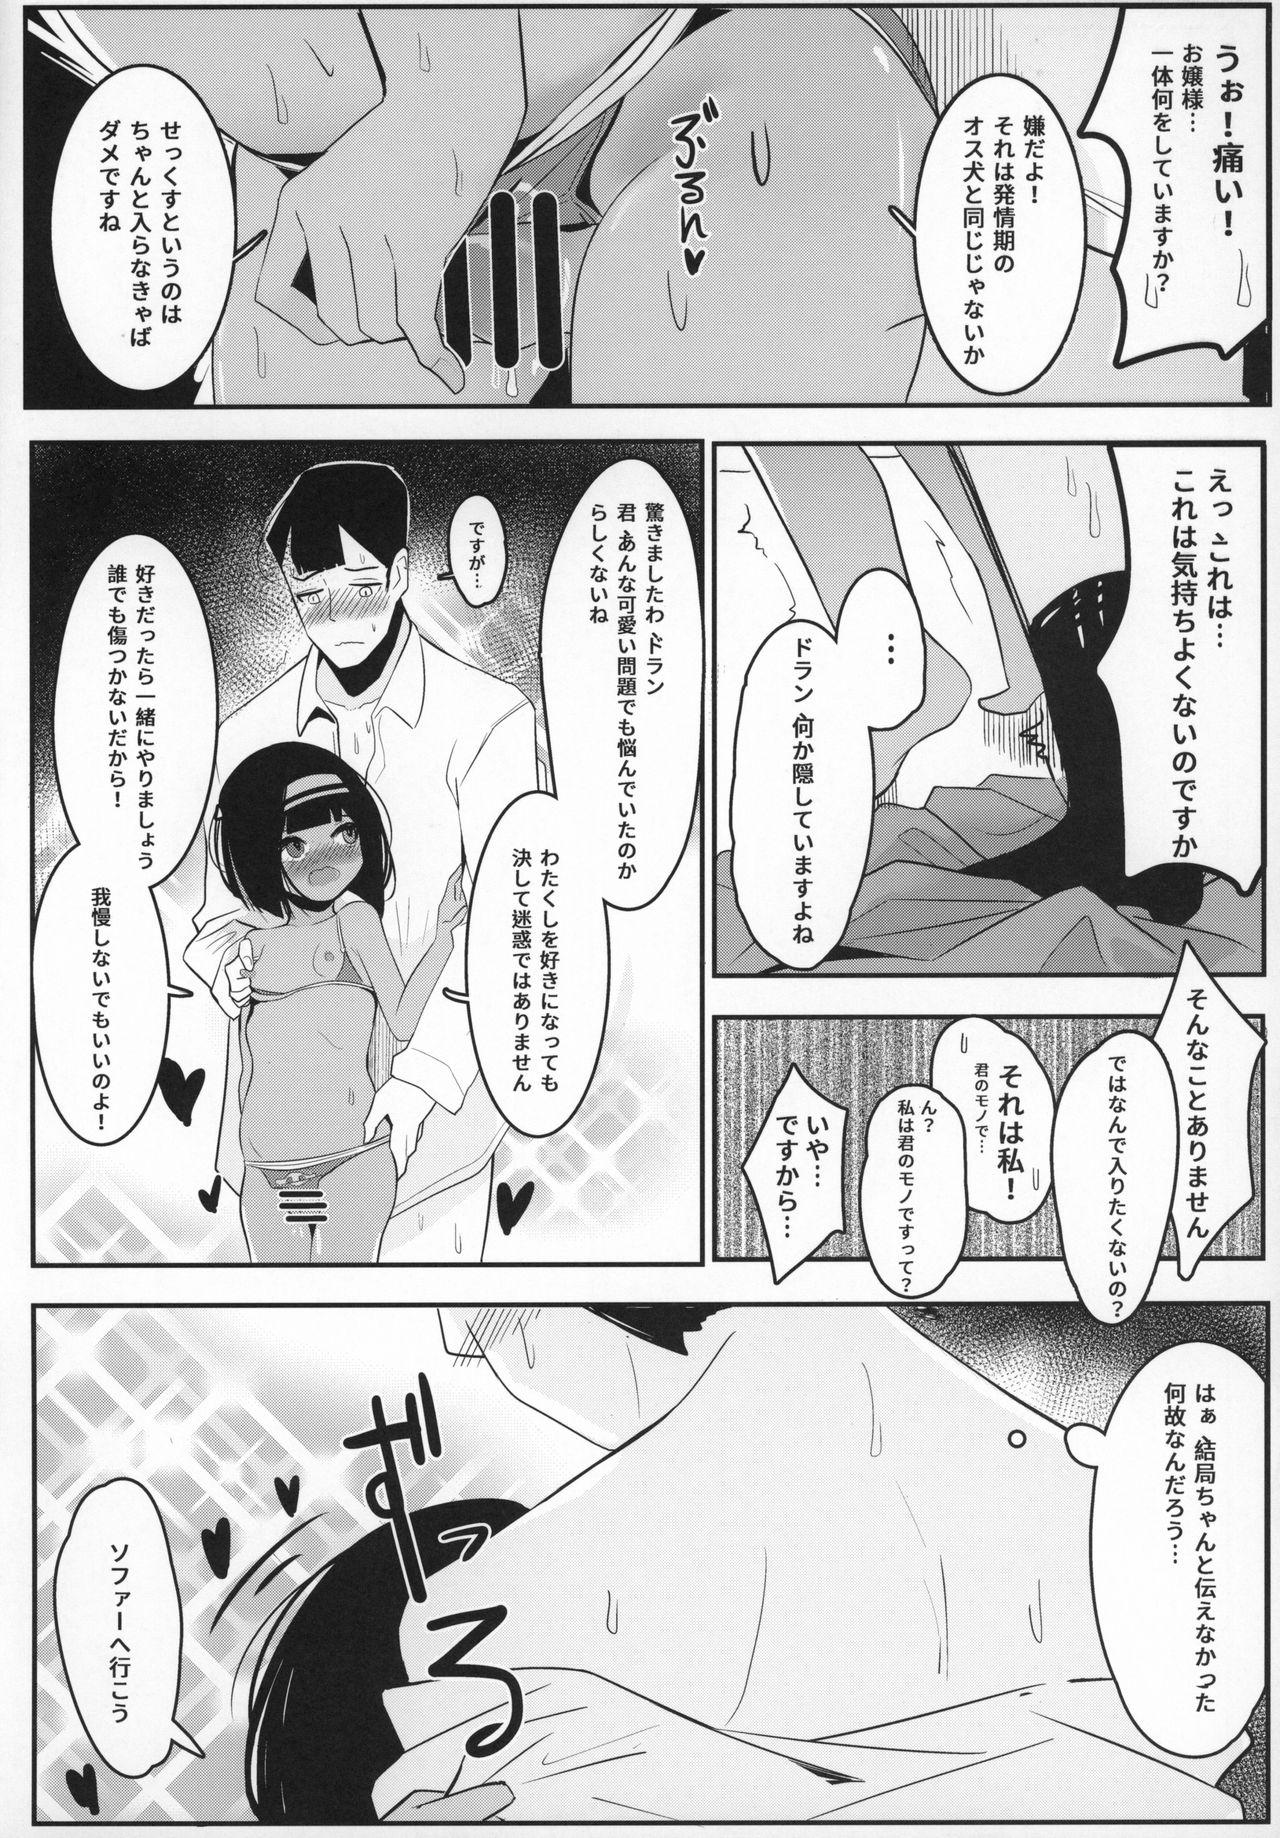 Ojou-sama... Kore ga Saigo desu yo ne? 16